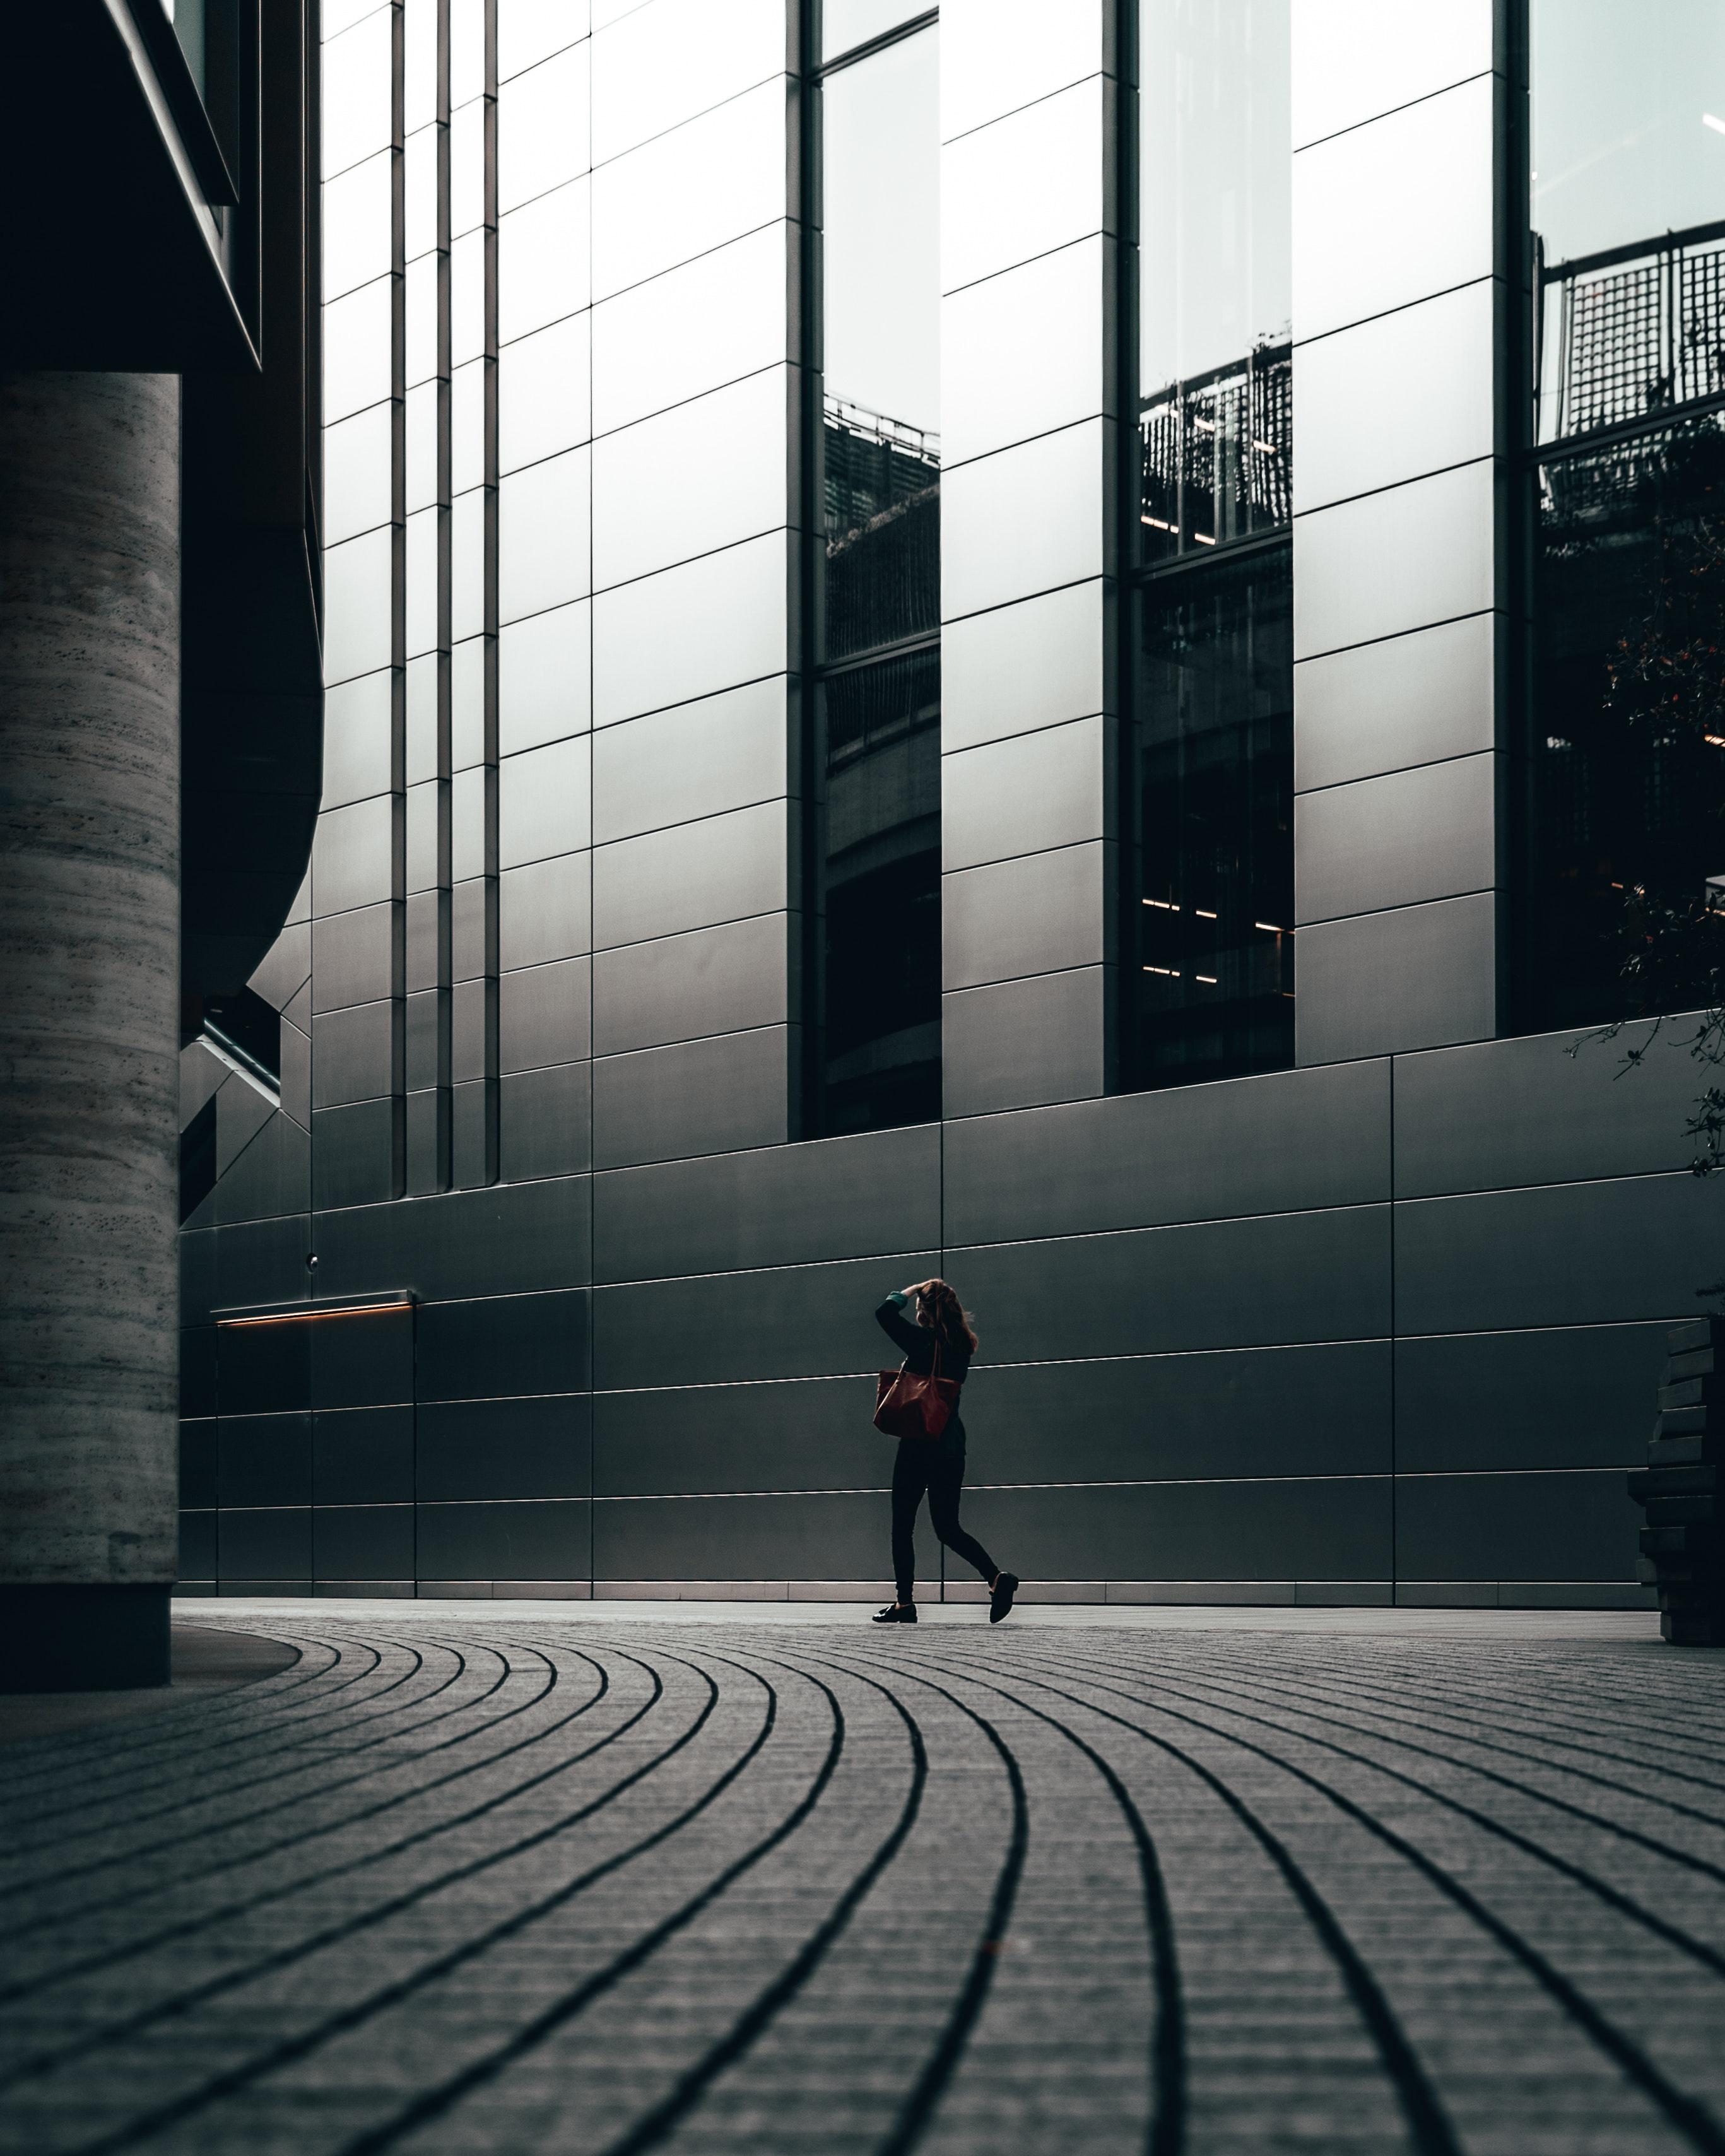 A woman walking beside a building